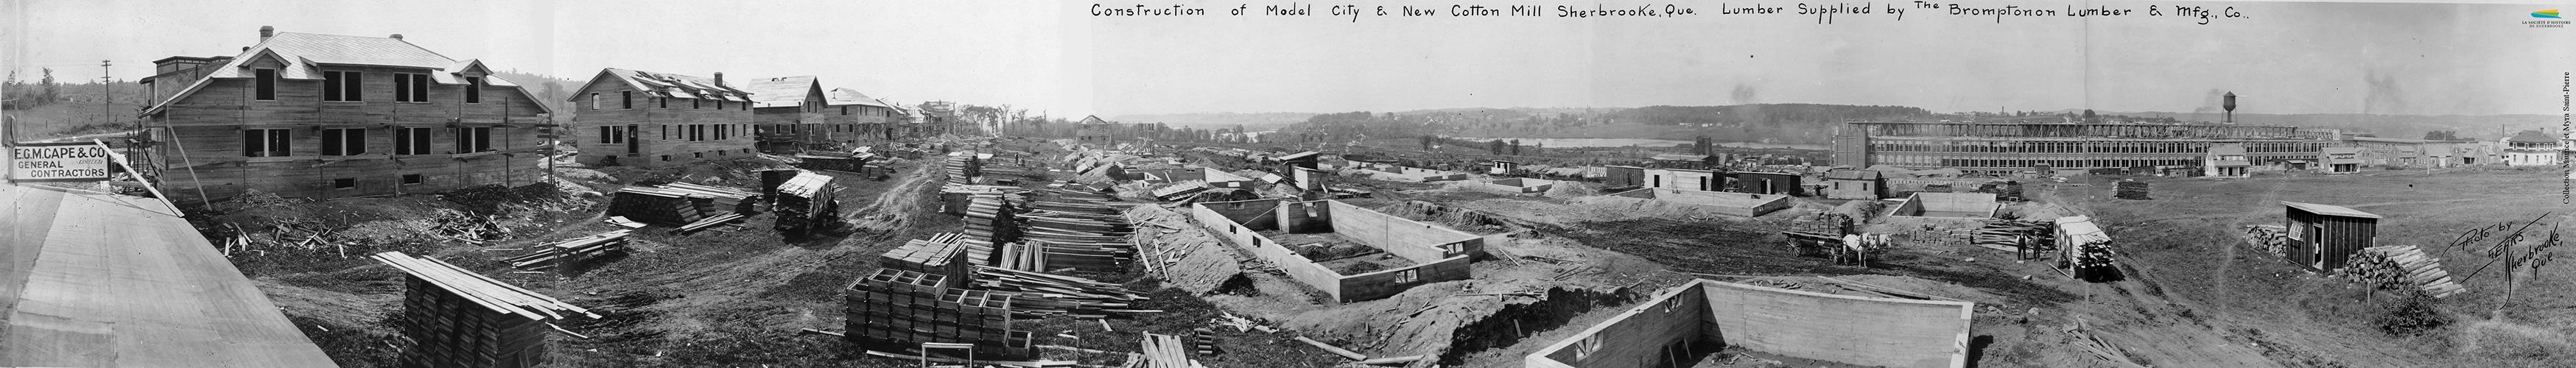 Photographie du chantier des <em>Canadian Connecticut Cotton Mills</em>, situés sur la rue du Pacifique, vers 1920. L'usine est rachetée par la <em>Dominion Textile</em> en 1928. Un « quartier modèle » est également construit près de l'usine, à la demande de la compagnie, pour loger les ouvriers.